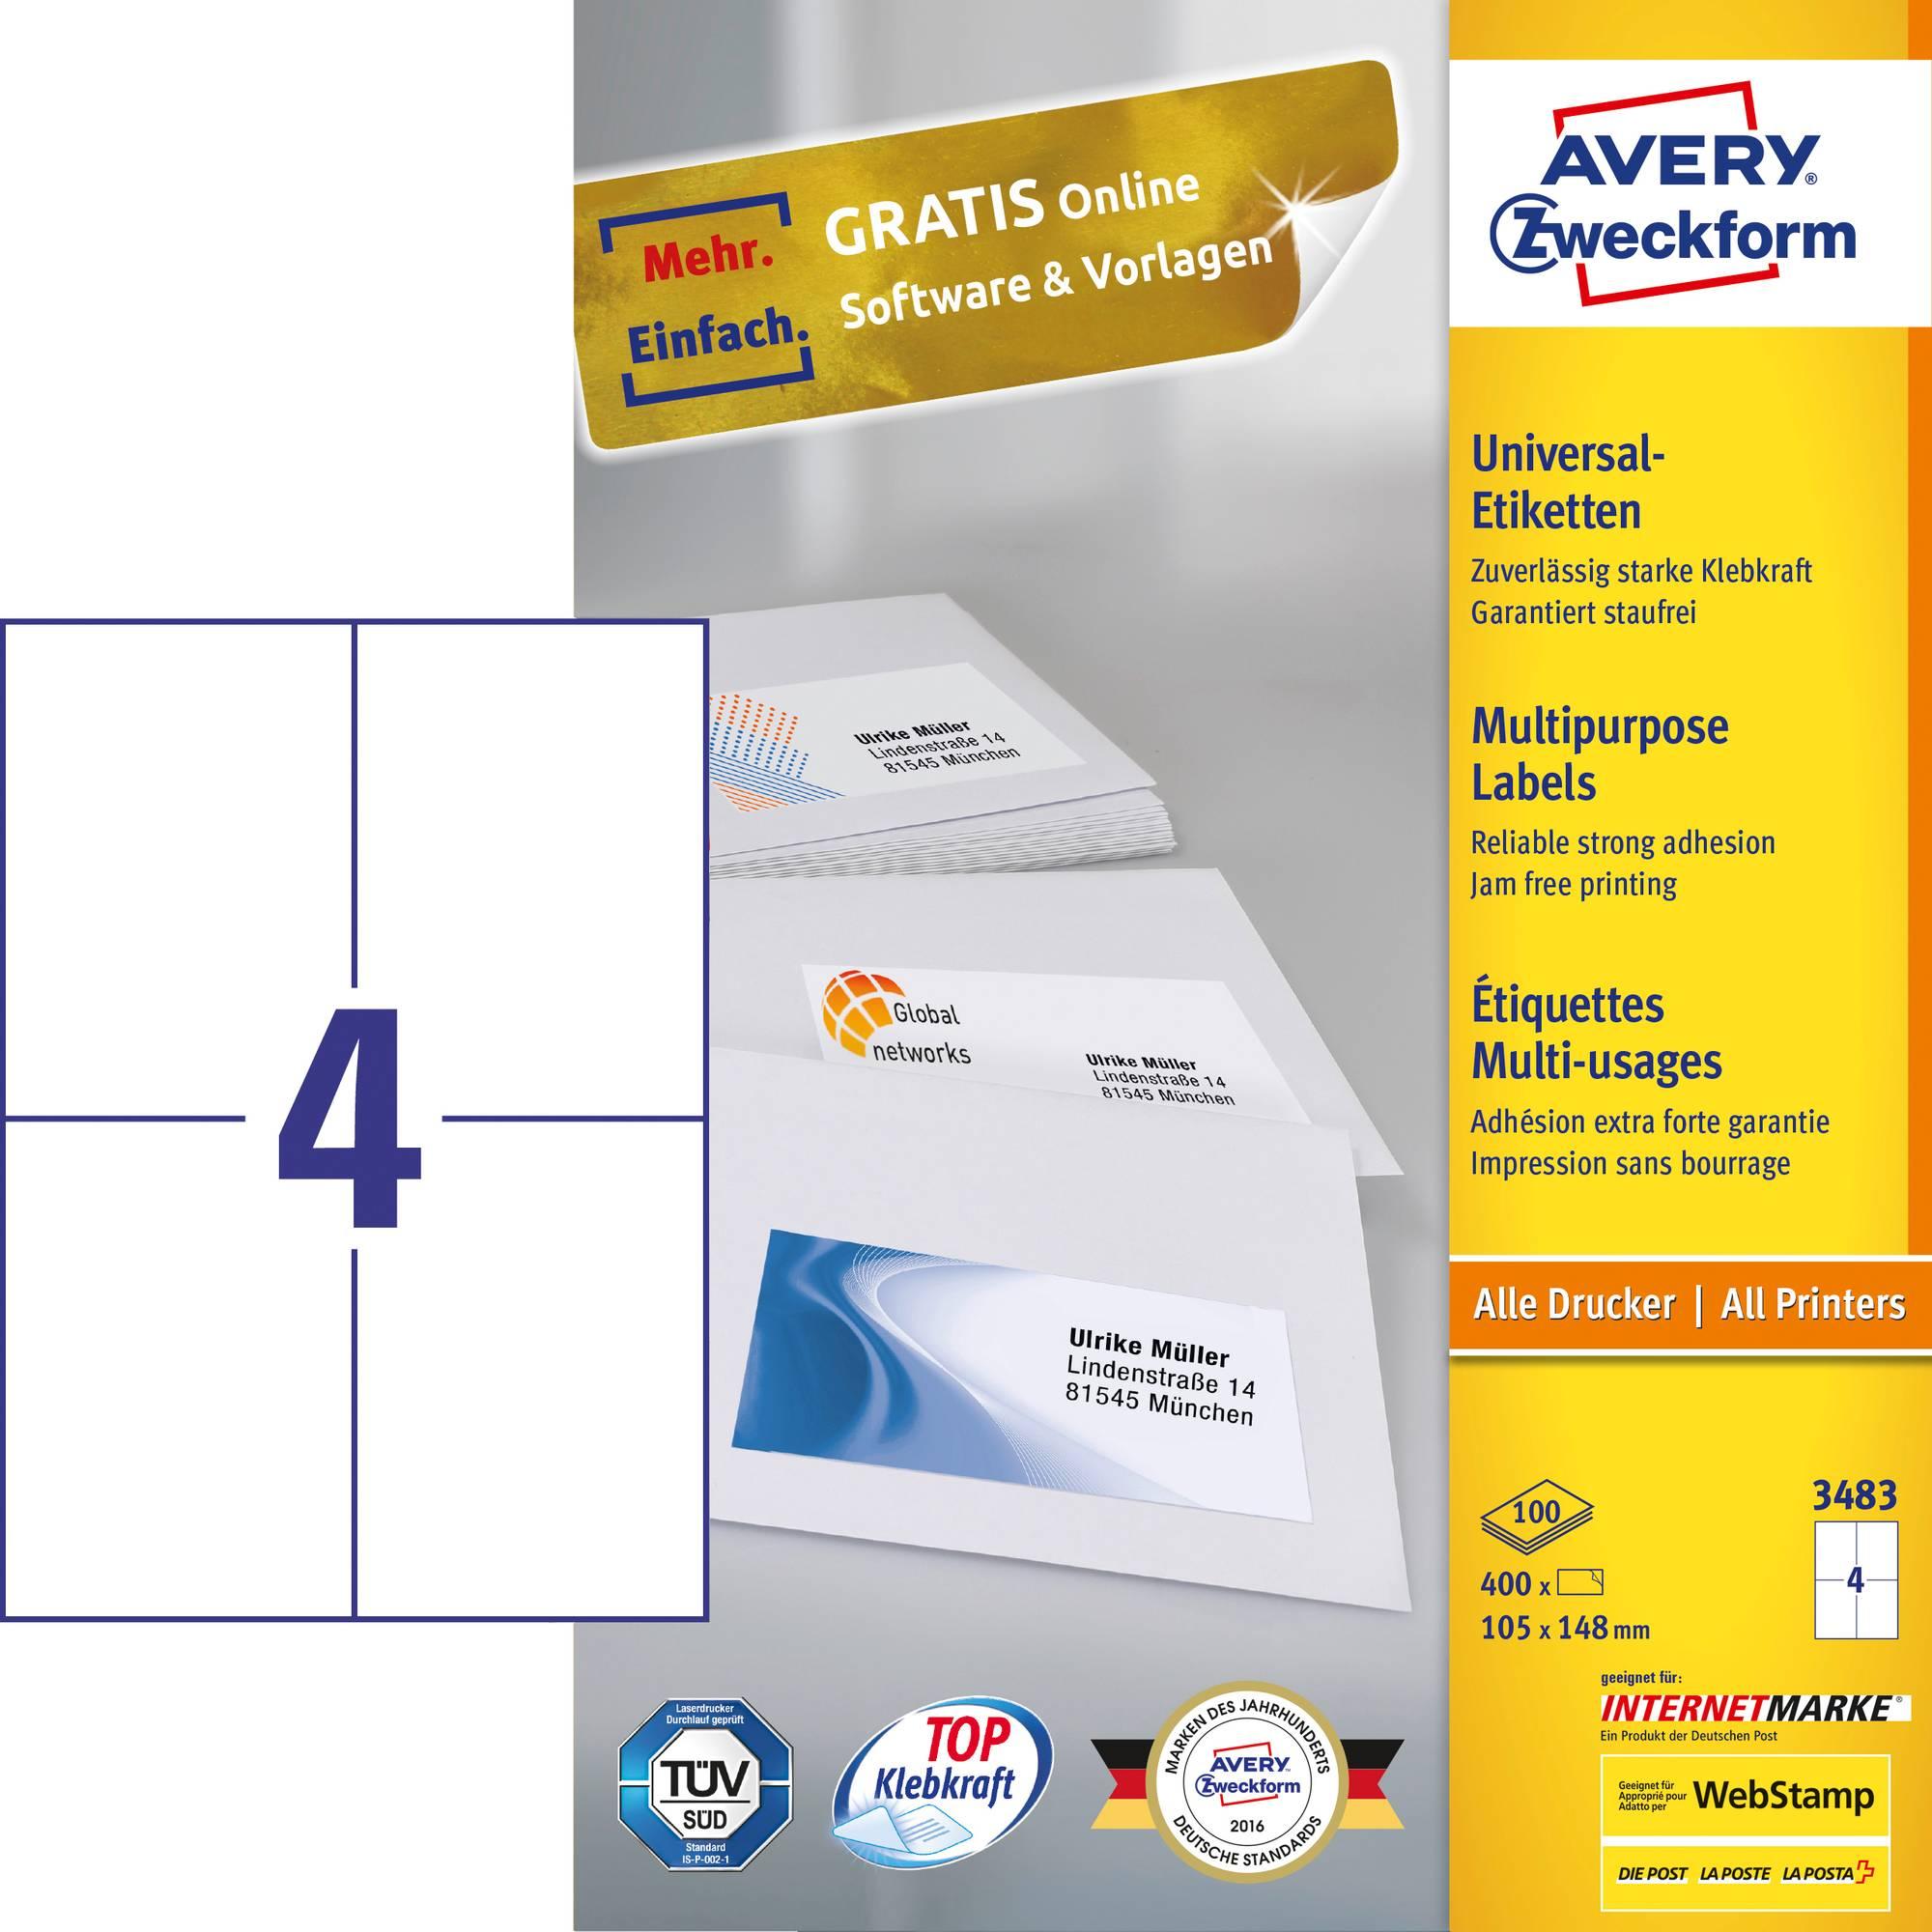 Weiße Avery Zweckform 3483-200 Universal-Etiketten, 105 x 148 mm für Laserdrucker, Kopierer